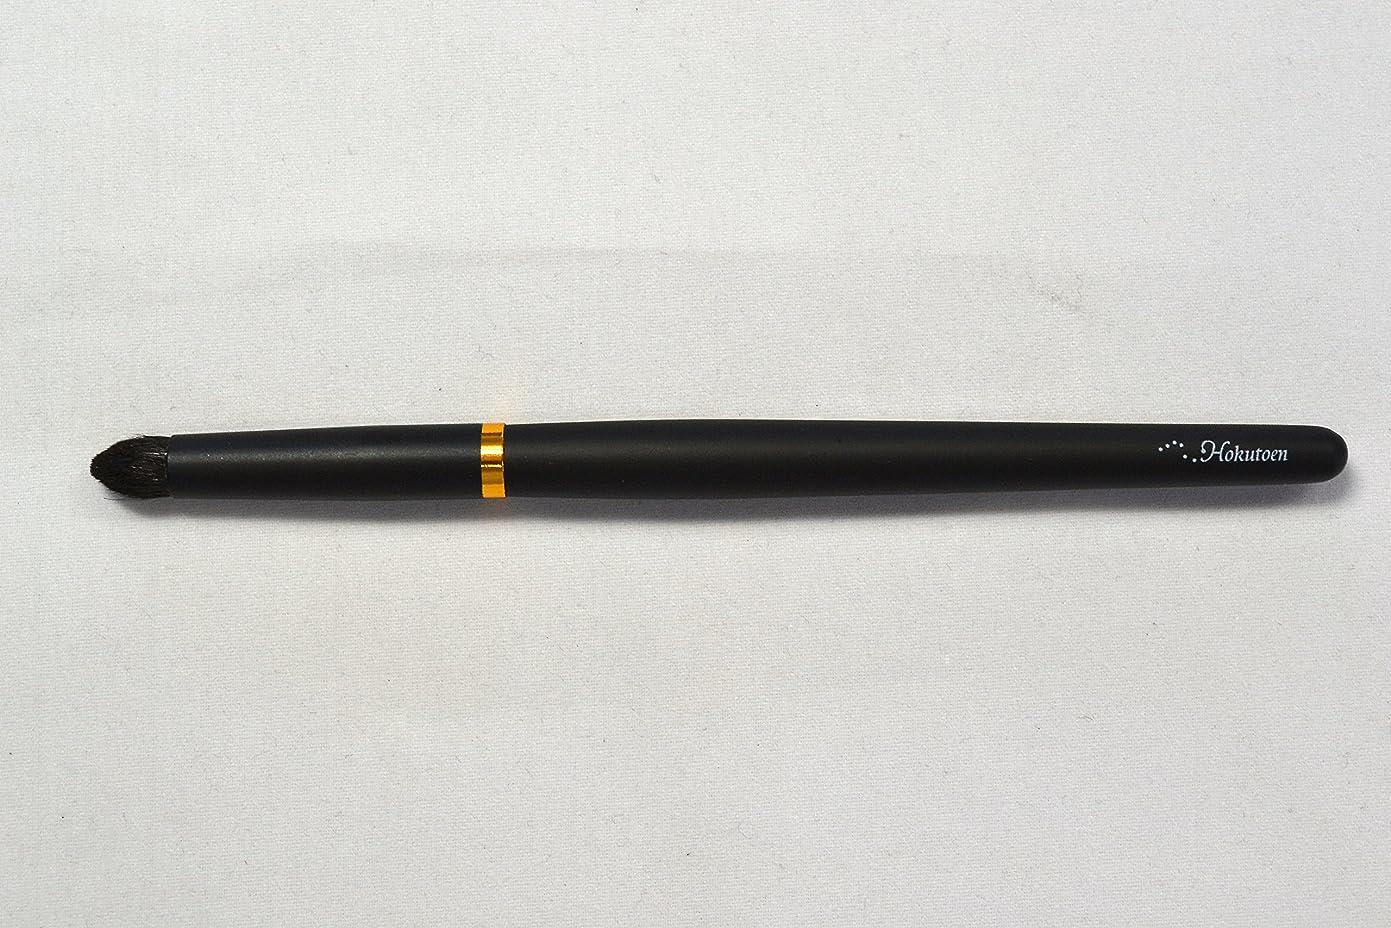 爆発するジェーンオースティンブラウン熊野筆 北斗園 HBSシリーズ ノーズアイシャドウブラシ(黒)